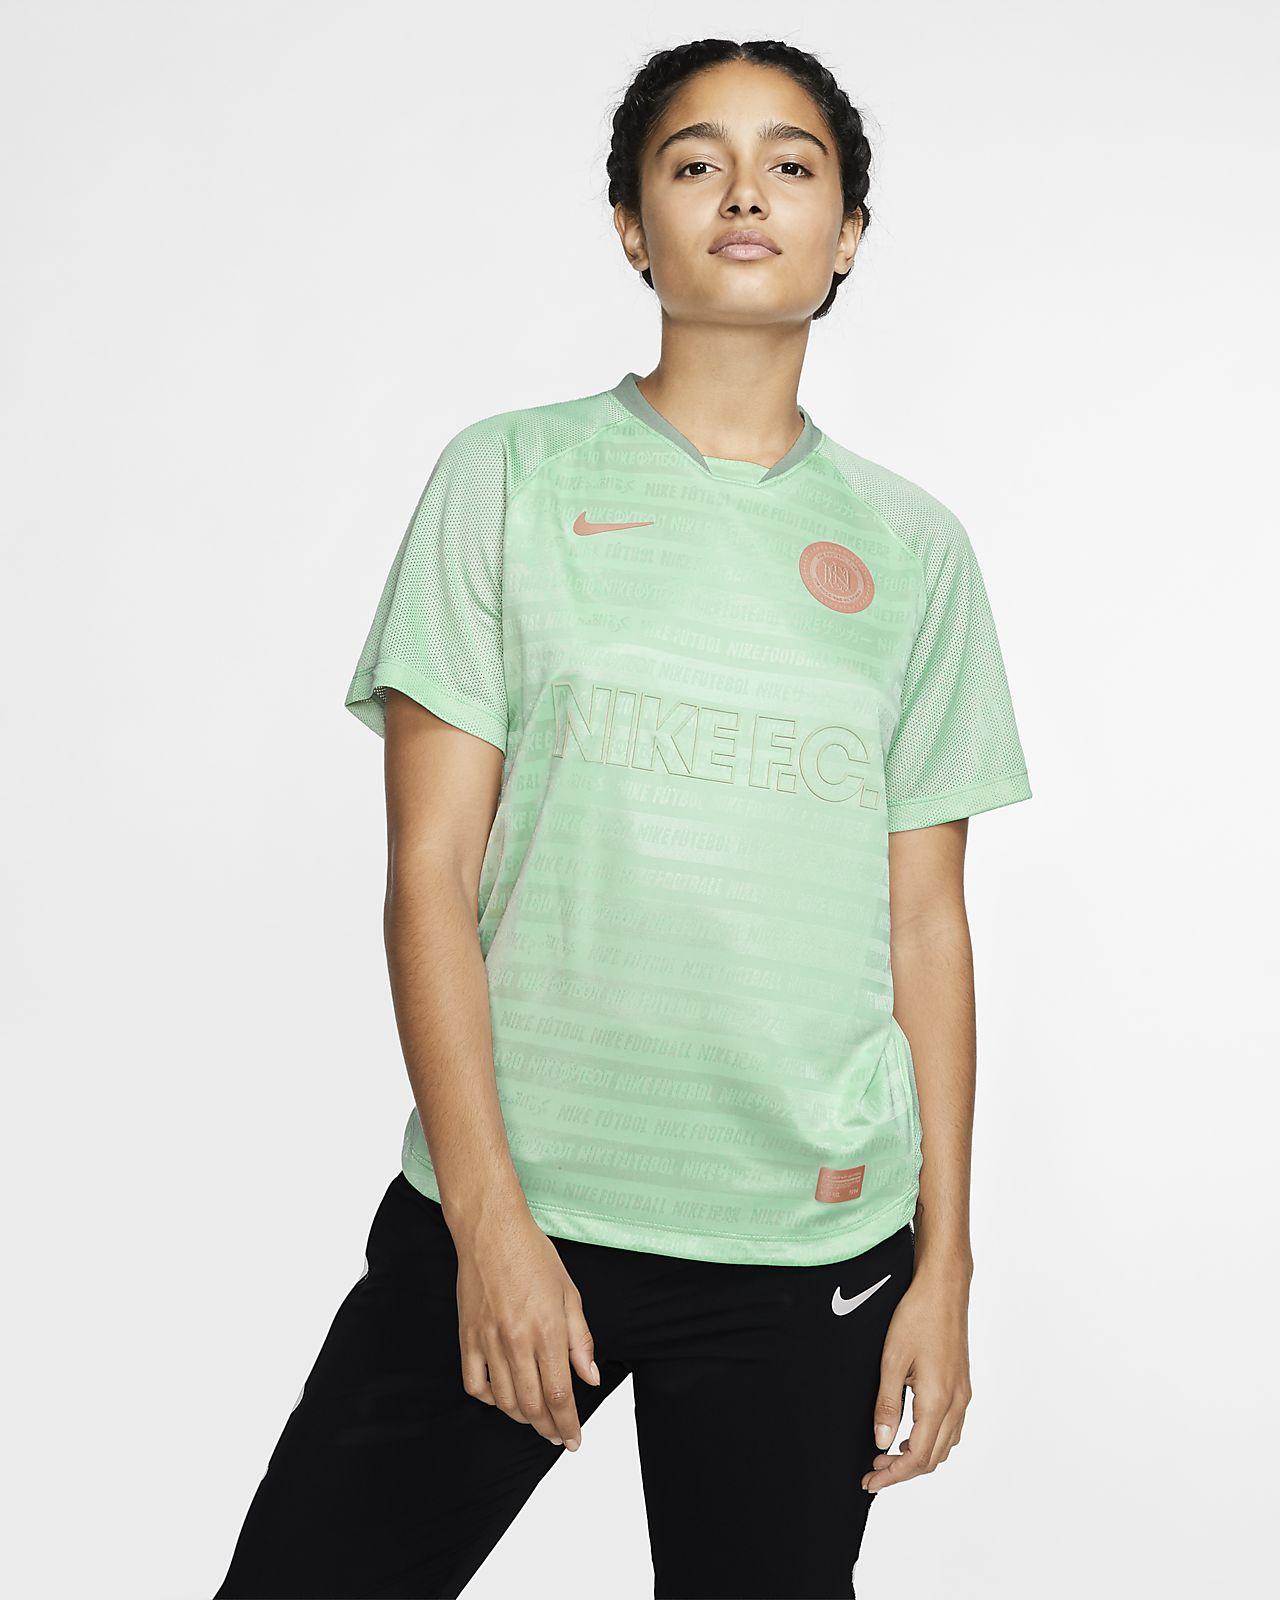 Nike F.C. Dri-FIT fotballdrakt til dame